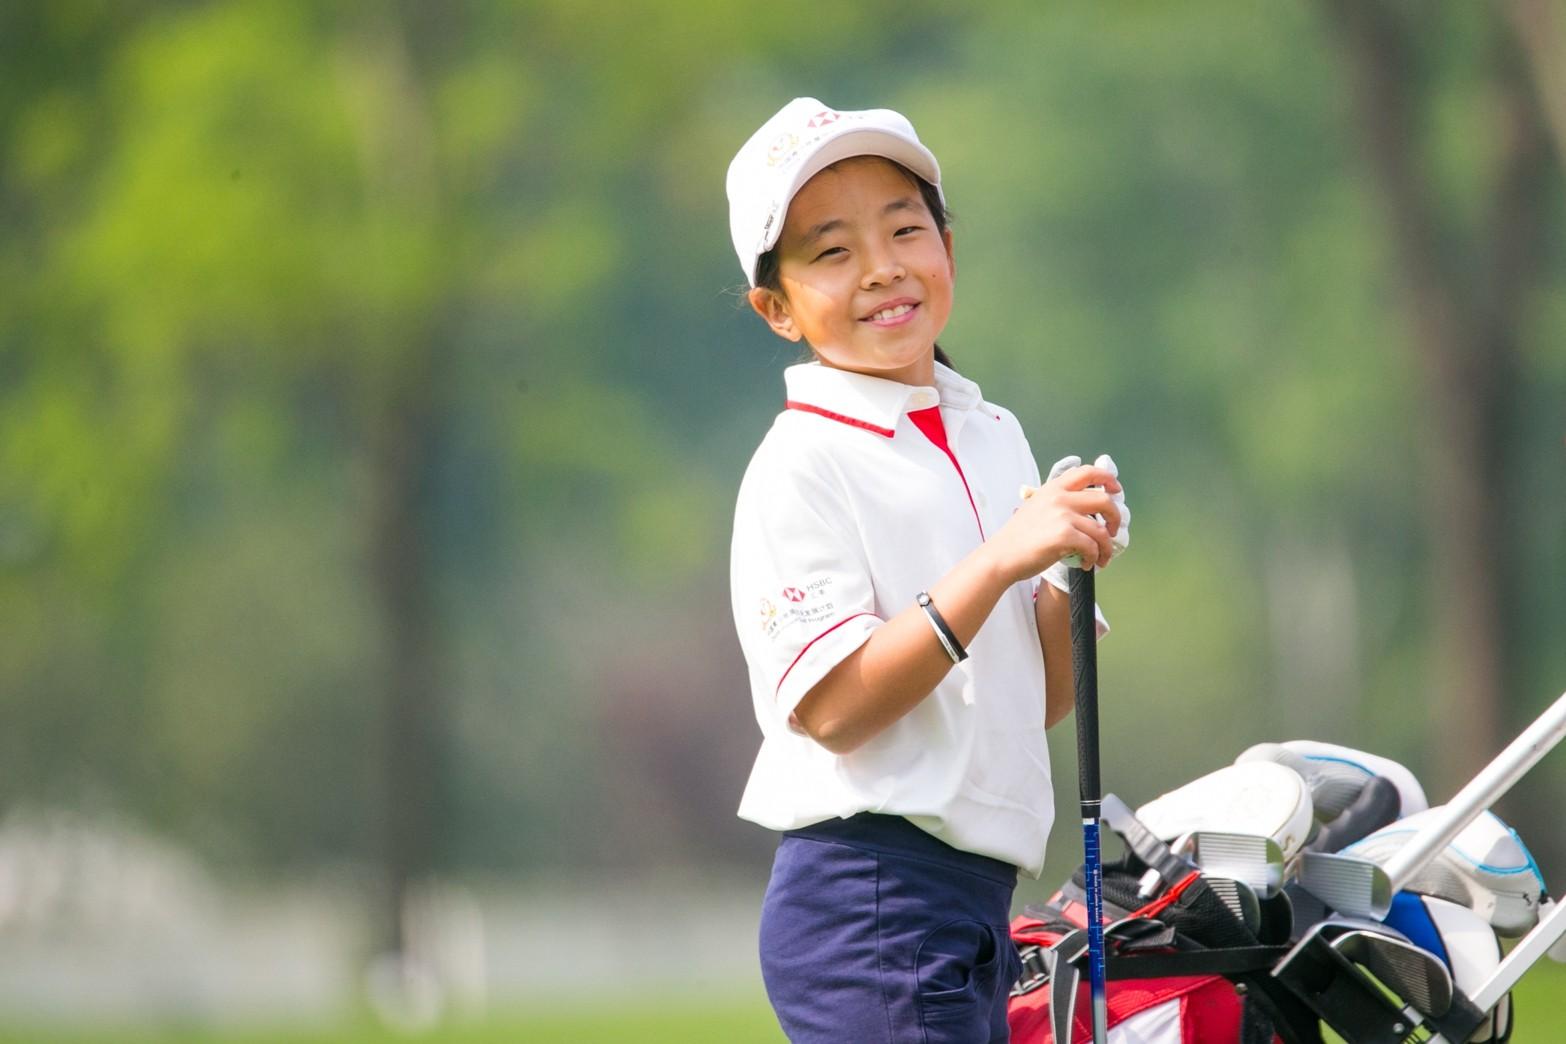 中高协-汇丰中国青少年高尔夫发展计划促进中国高球运动发展.jpg